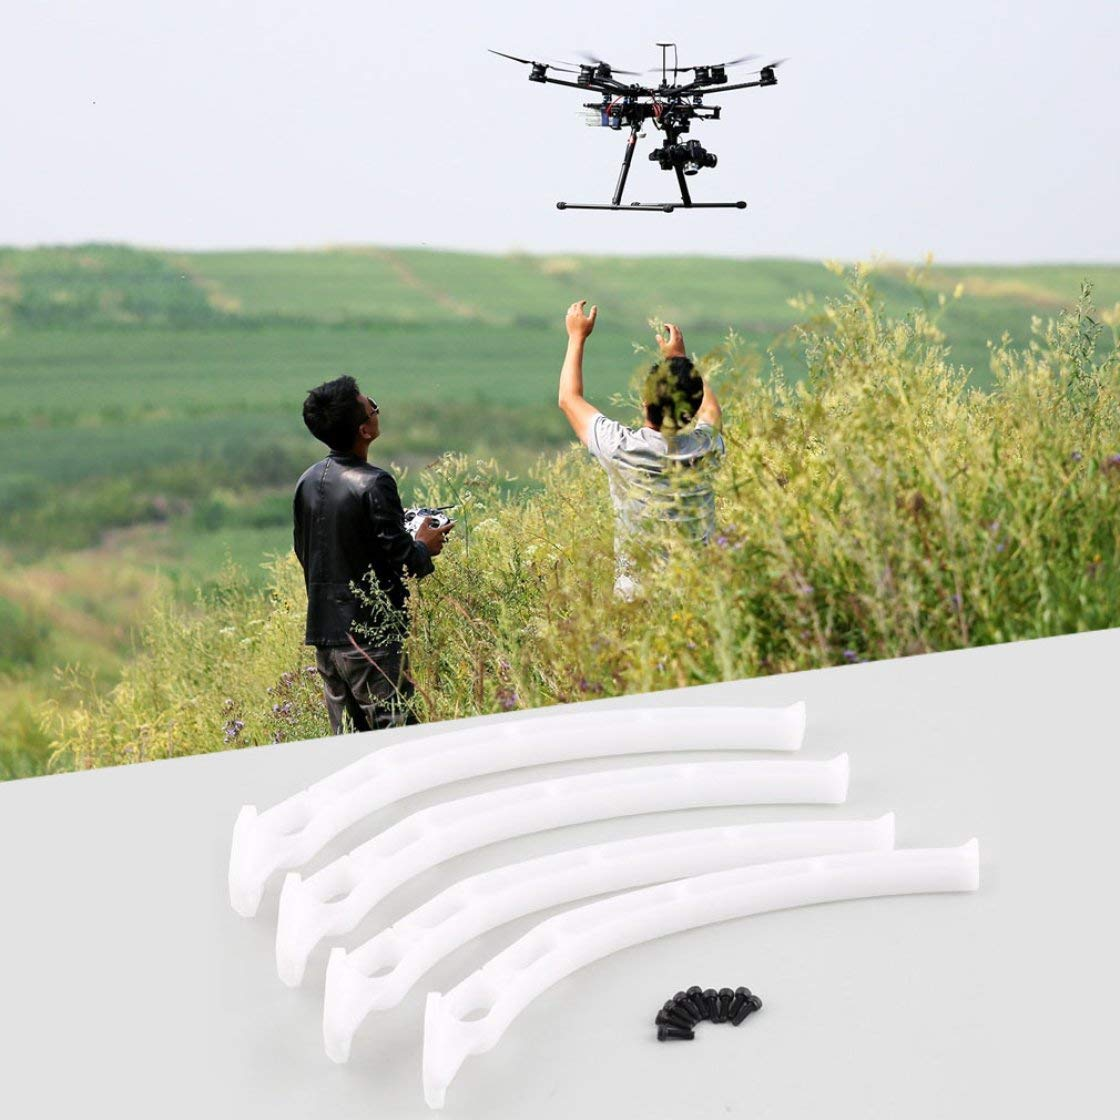 Laurelmartina dji Ruedas Tr/ípode Patines de Aterrizaje Engranaje para F450 F550 SK480 Aviones Qudcopter Tren de Aterrizaje Alto Pat/ín Tr/ípode quadrocopter